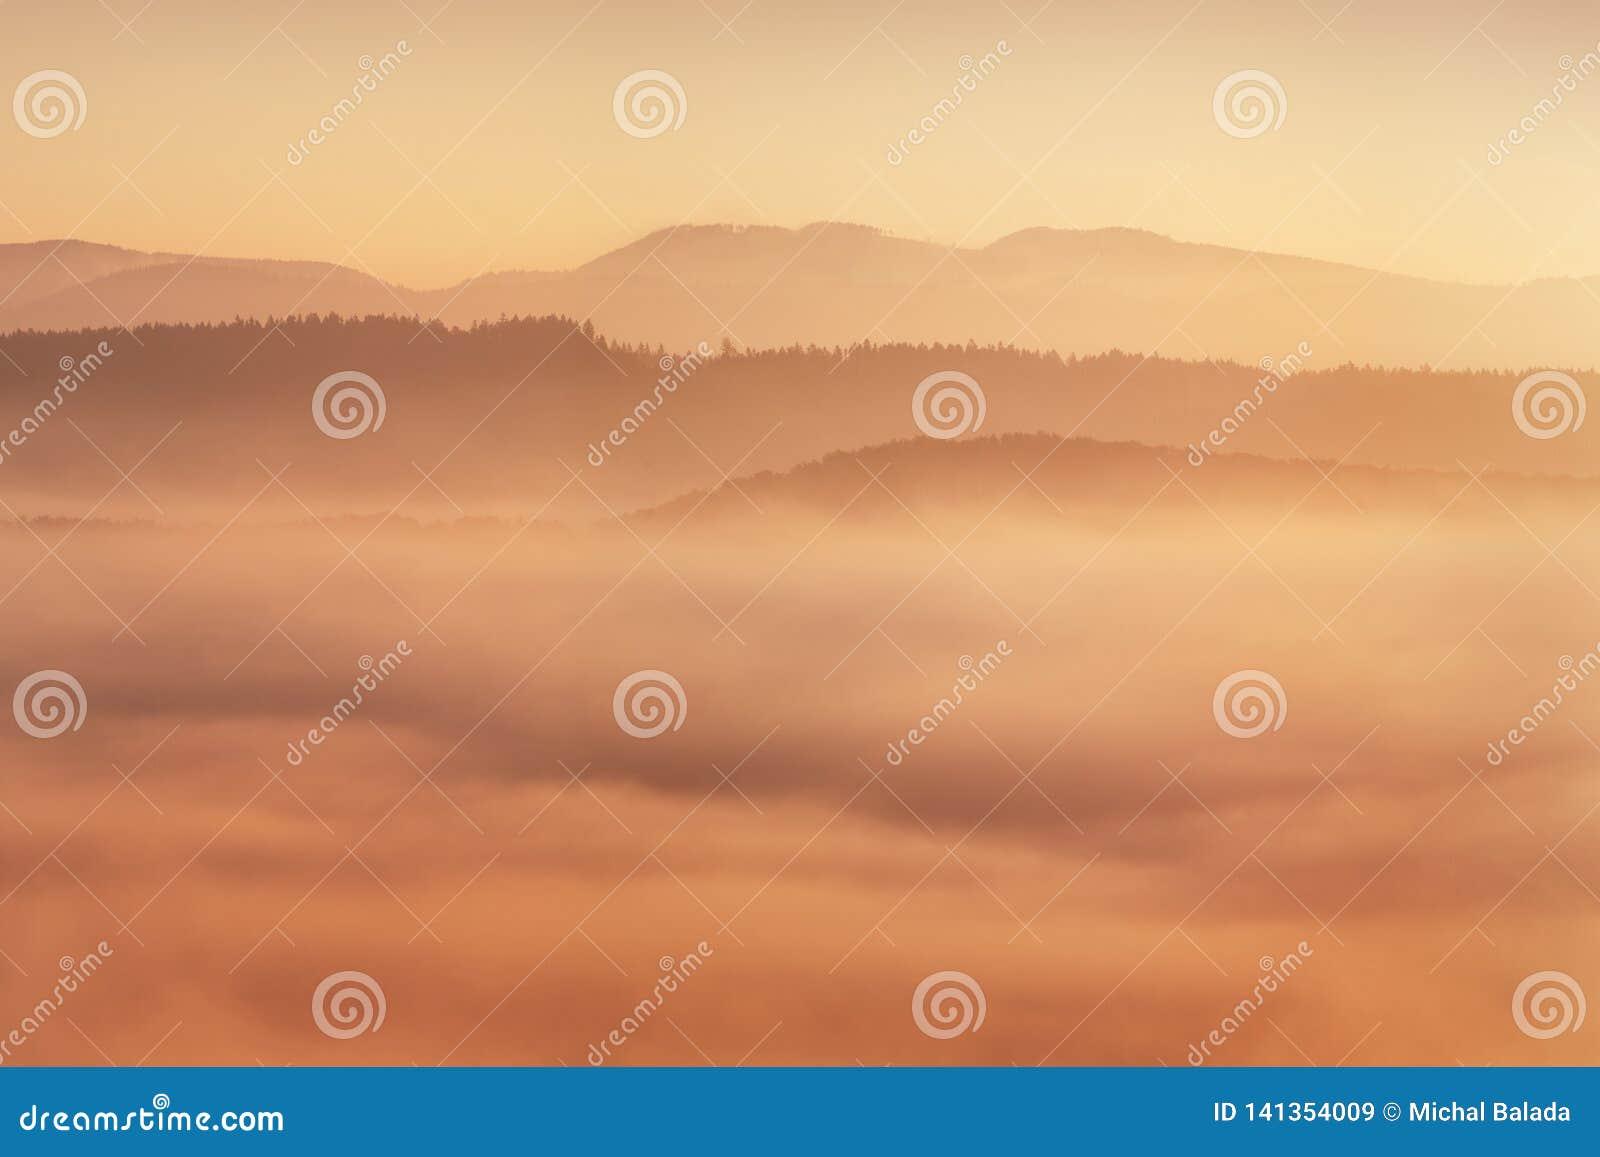 Wschód słońca Nad Mglistym krajobrazem Sceniczny widok Mgłowy ranku niebo Z Powstającym słońcem Nad Mglista Lasowa Środkowa lato